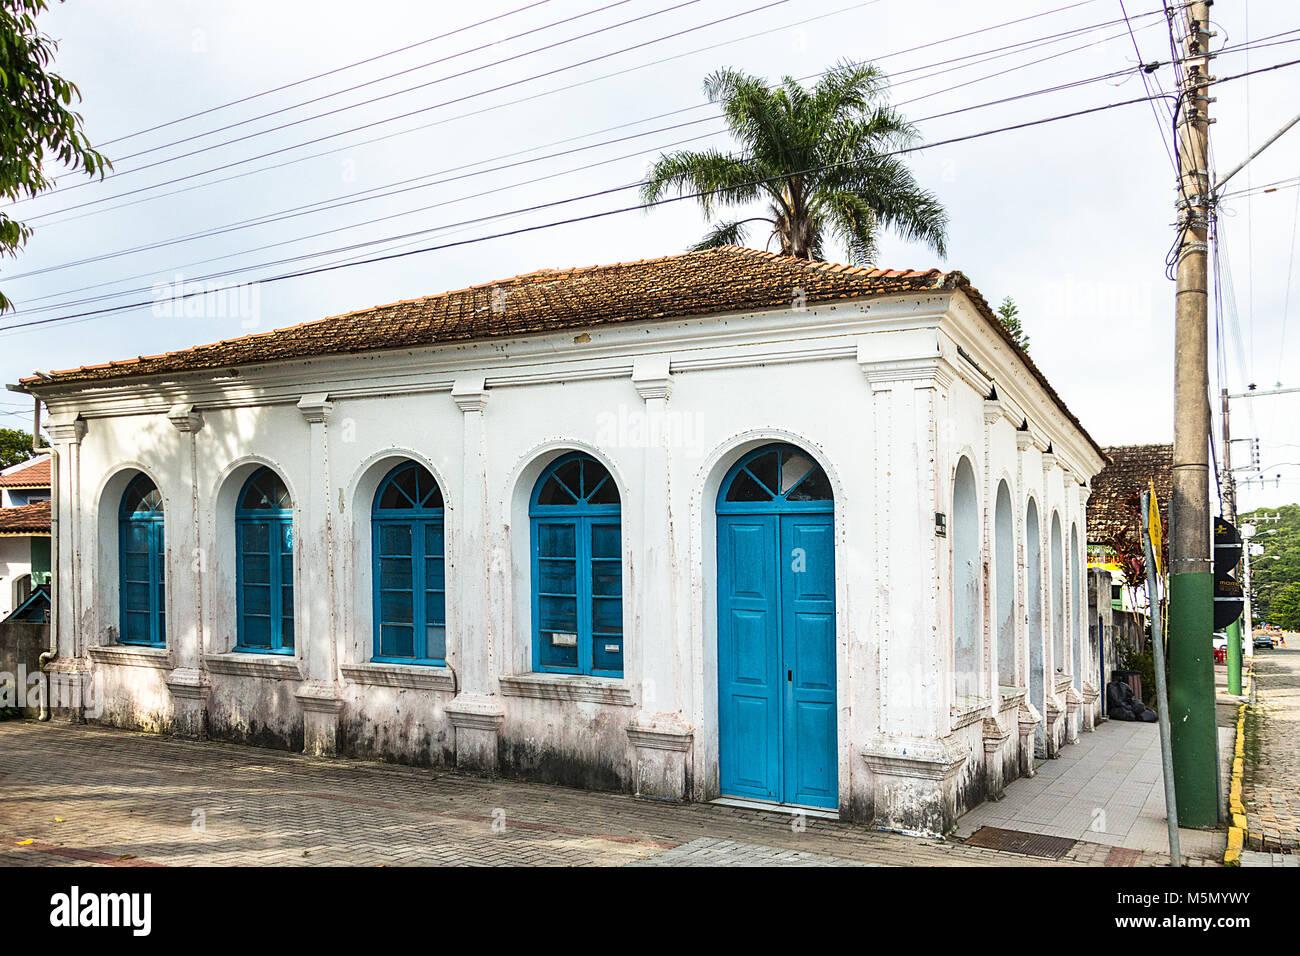 Porto Belo, Santa Catarina, Brasile - Febbraio 20th, 2018: la facciata della casa il dottor Frederico Scheffler, Immagini Stock